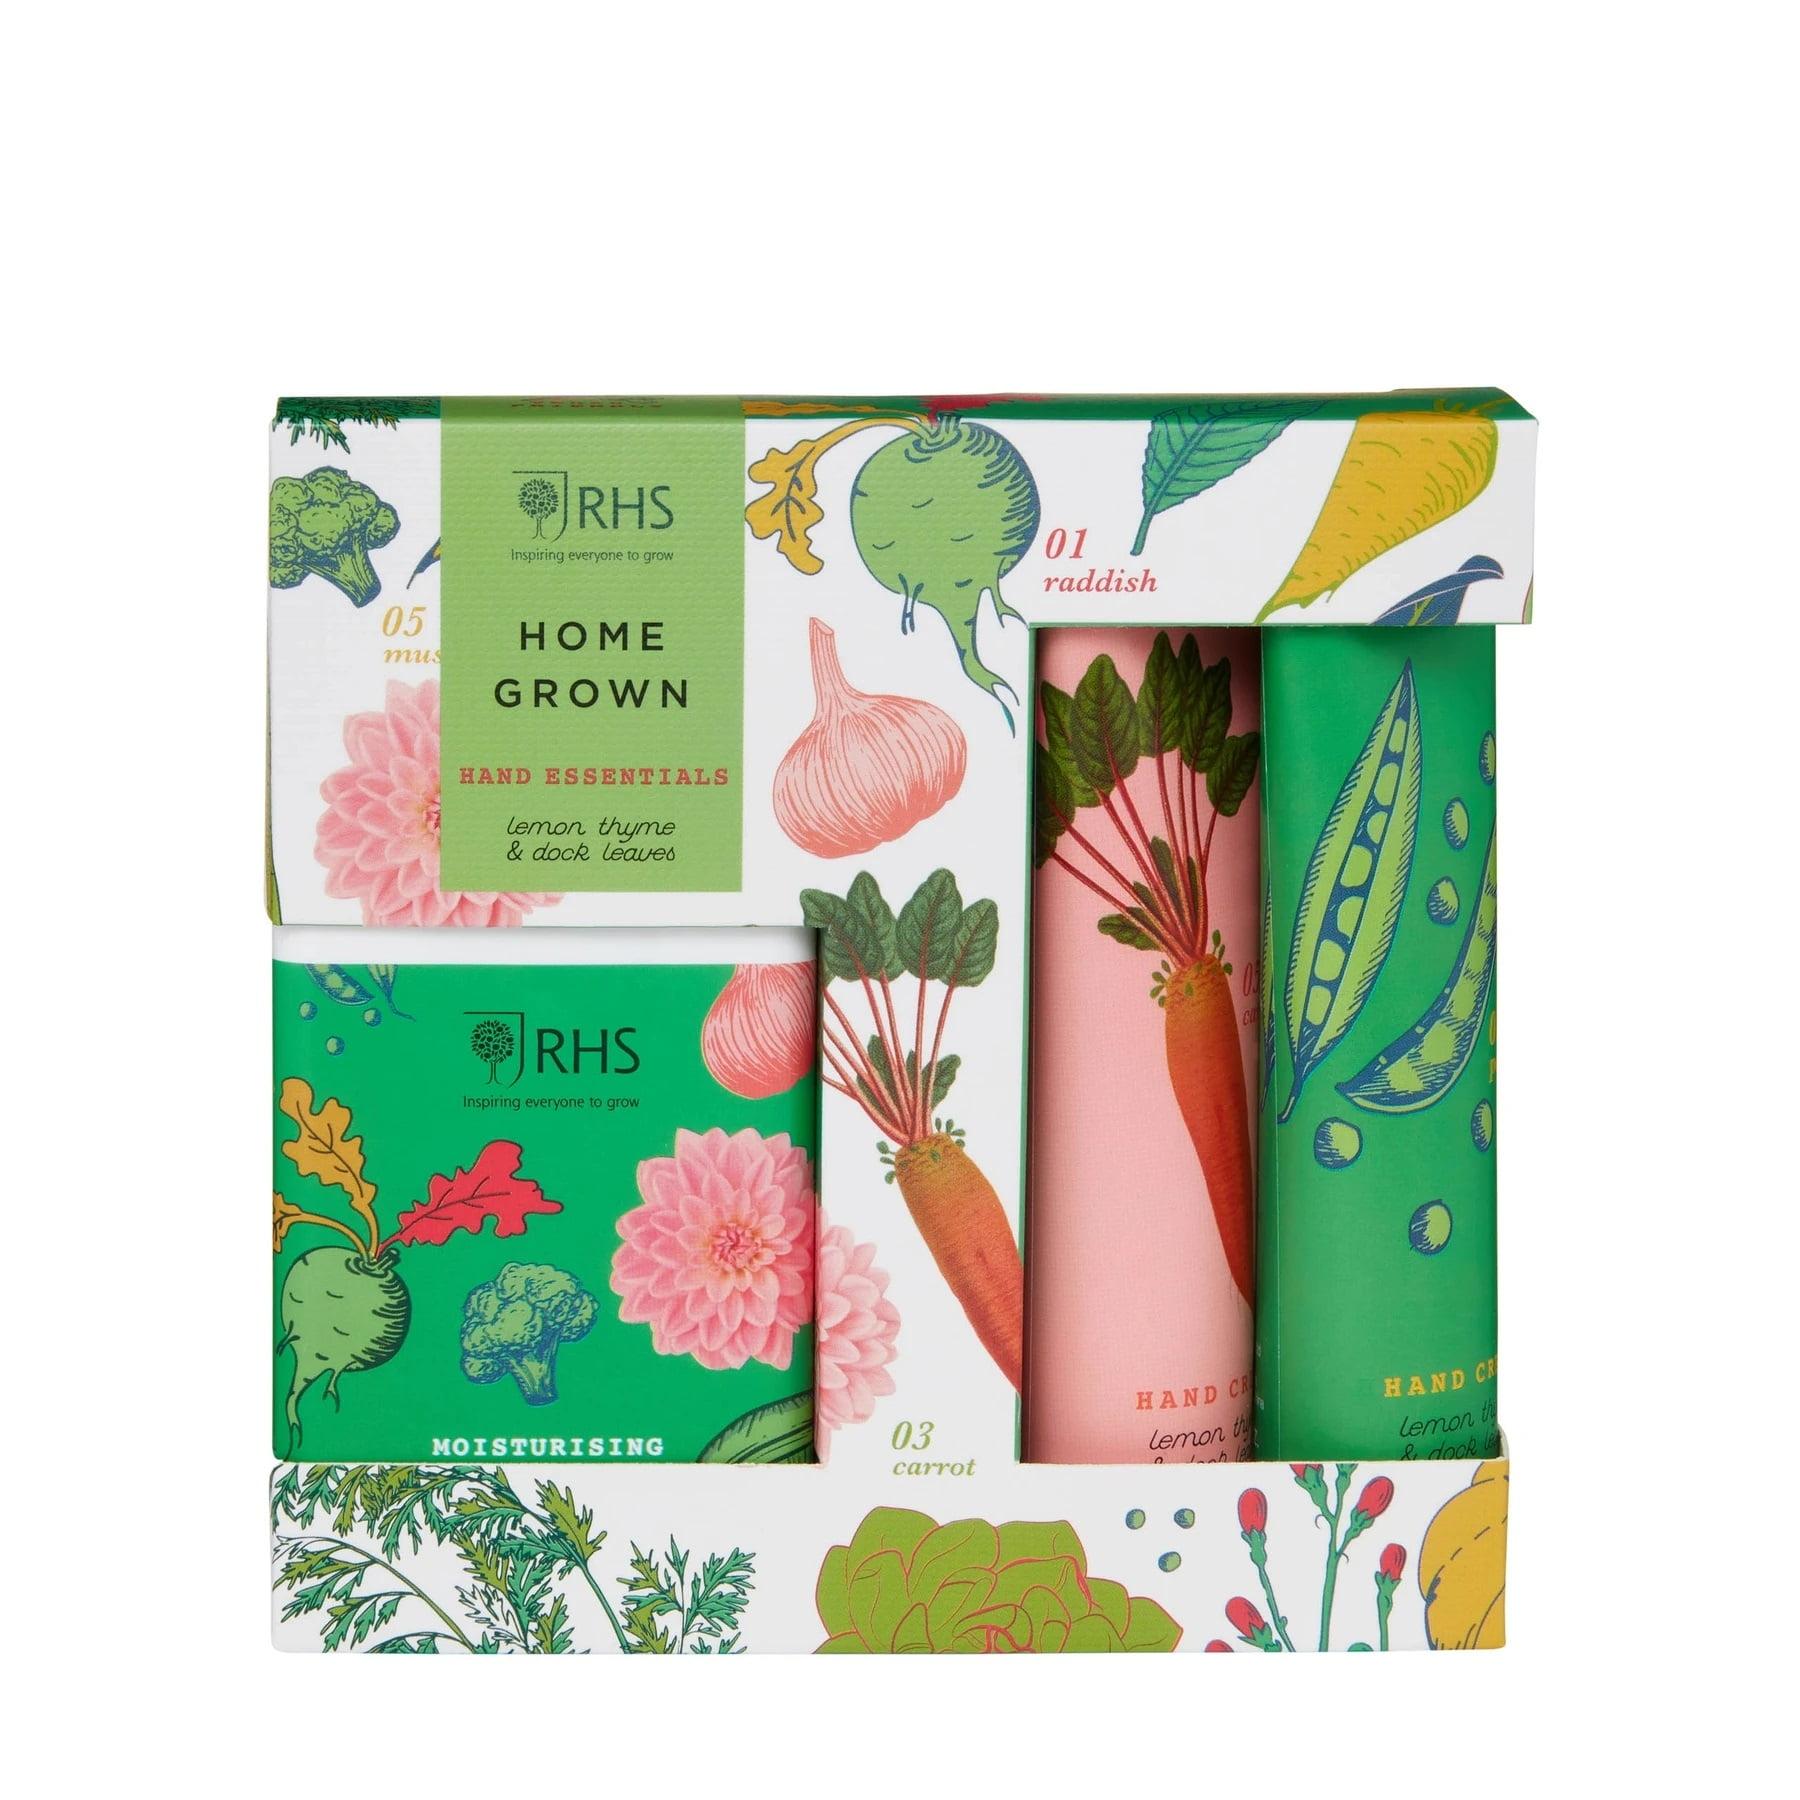 HEATHCOTE & IVORY Dárková sada péče o ruce Home Grown - Set 3 ks, zelená barva, plast, papír